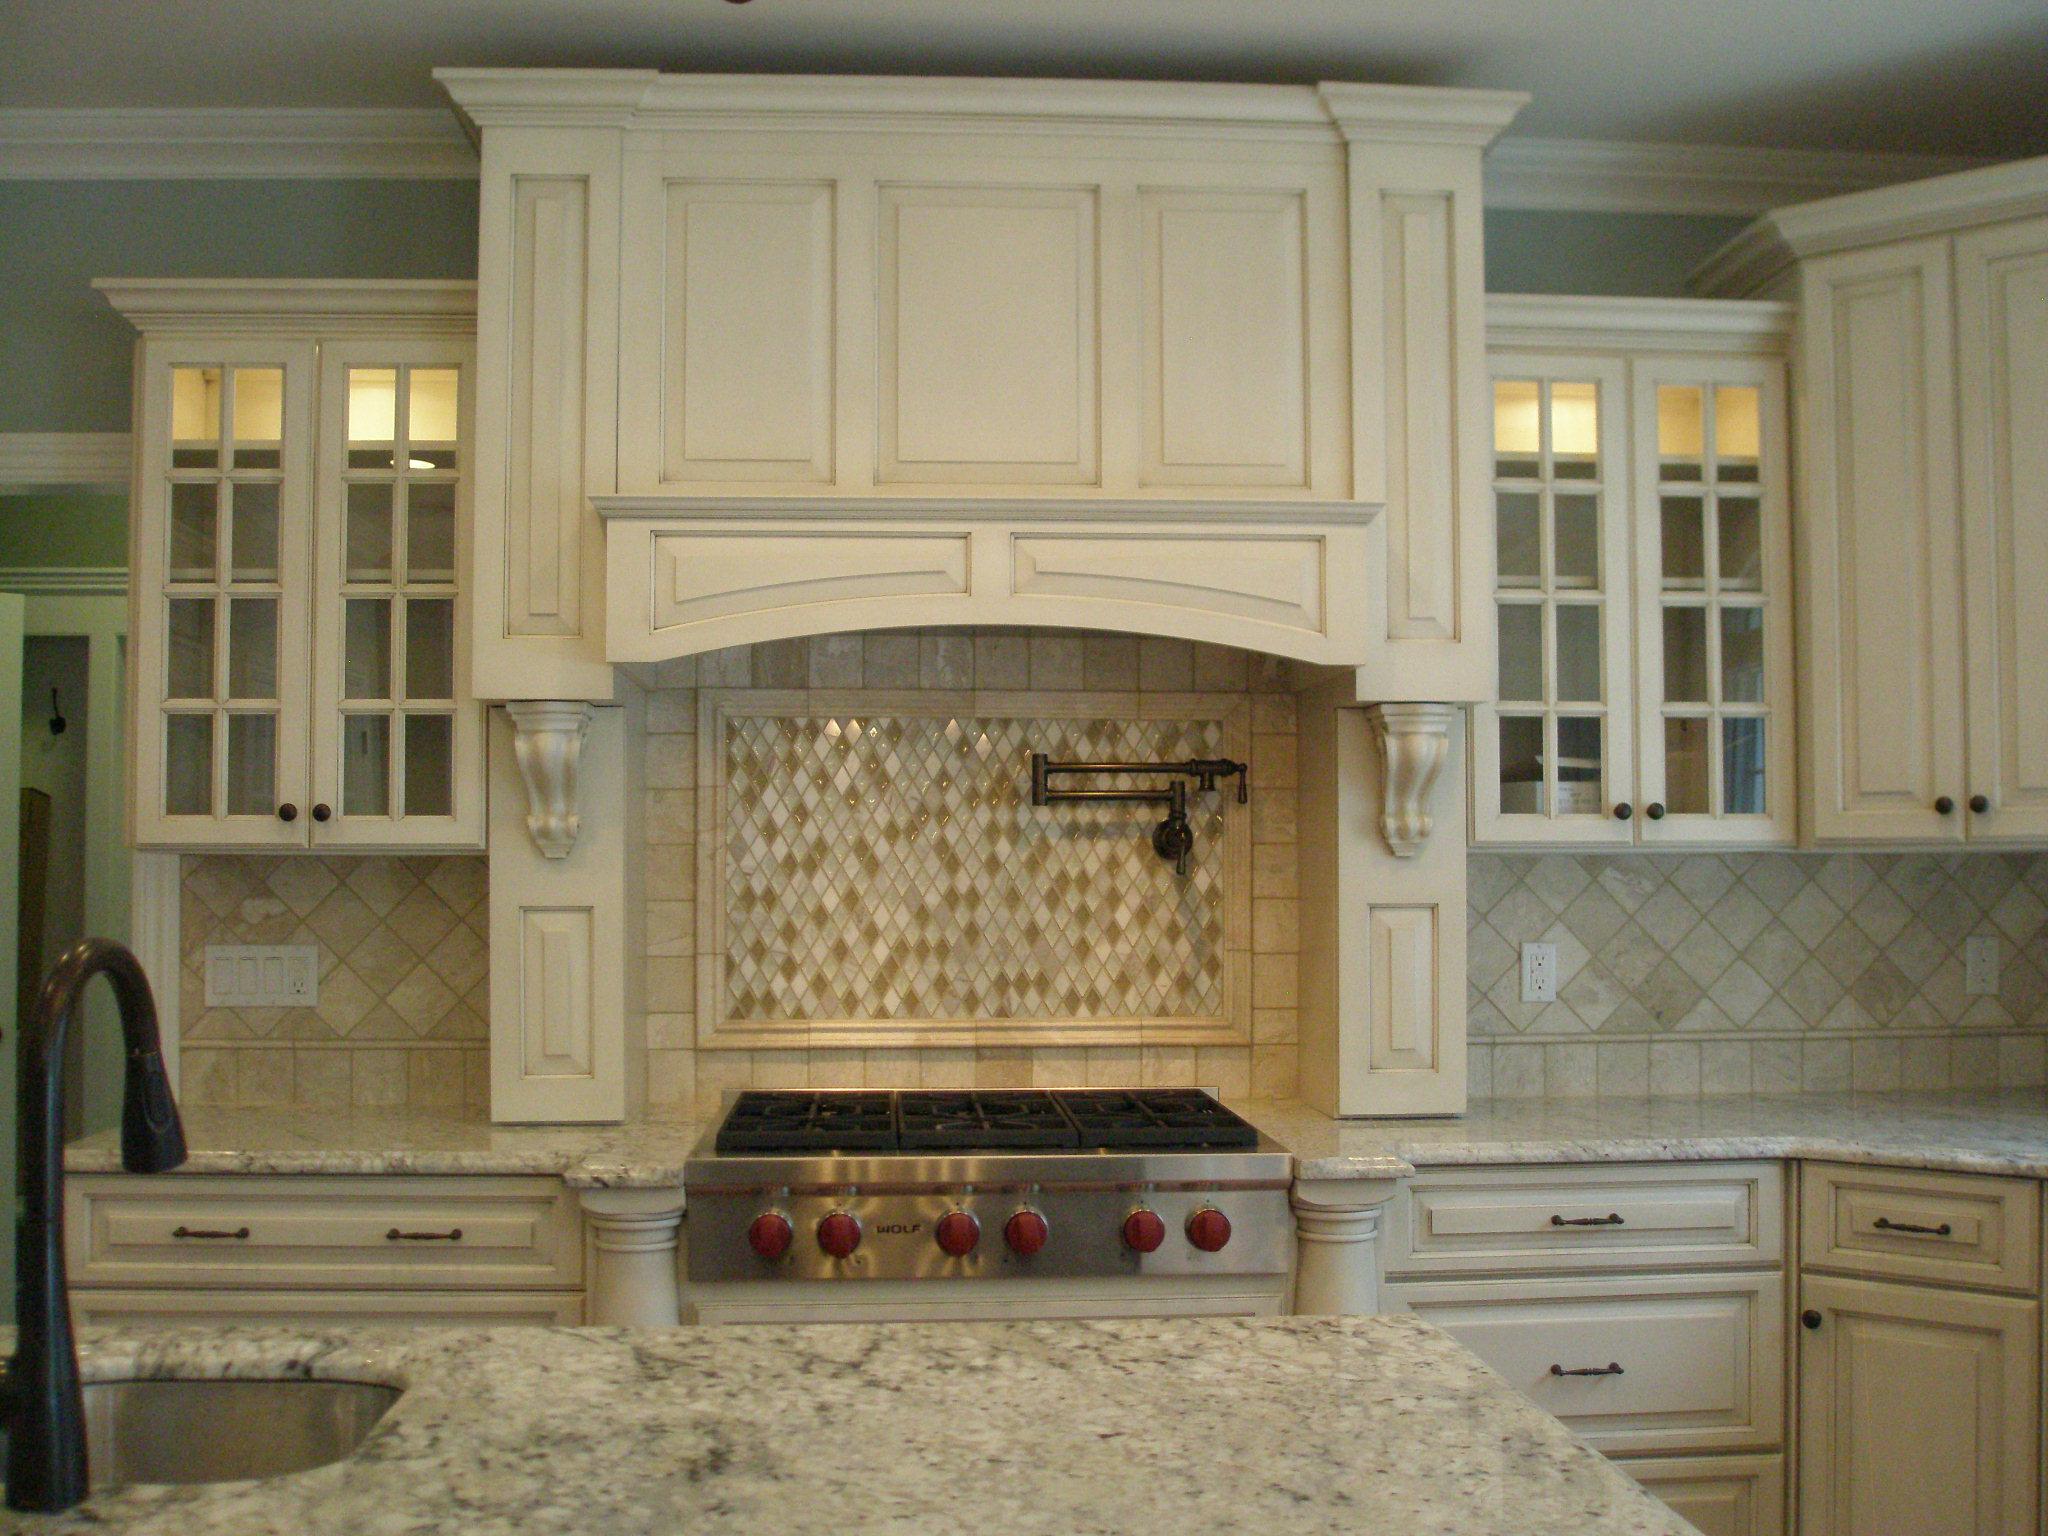 kitchen pics (278)